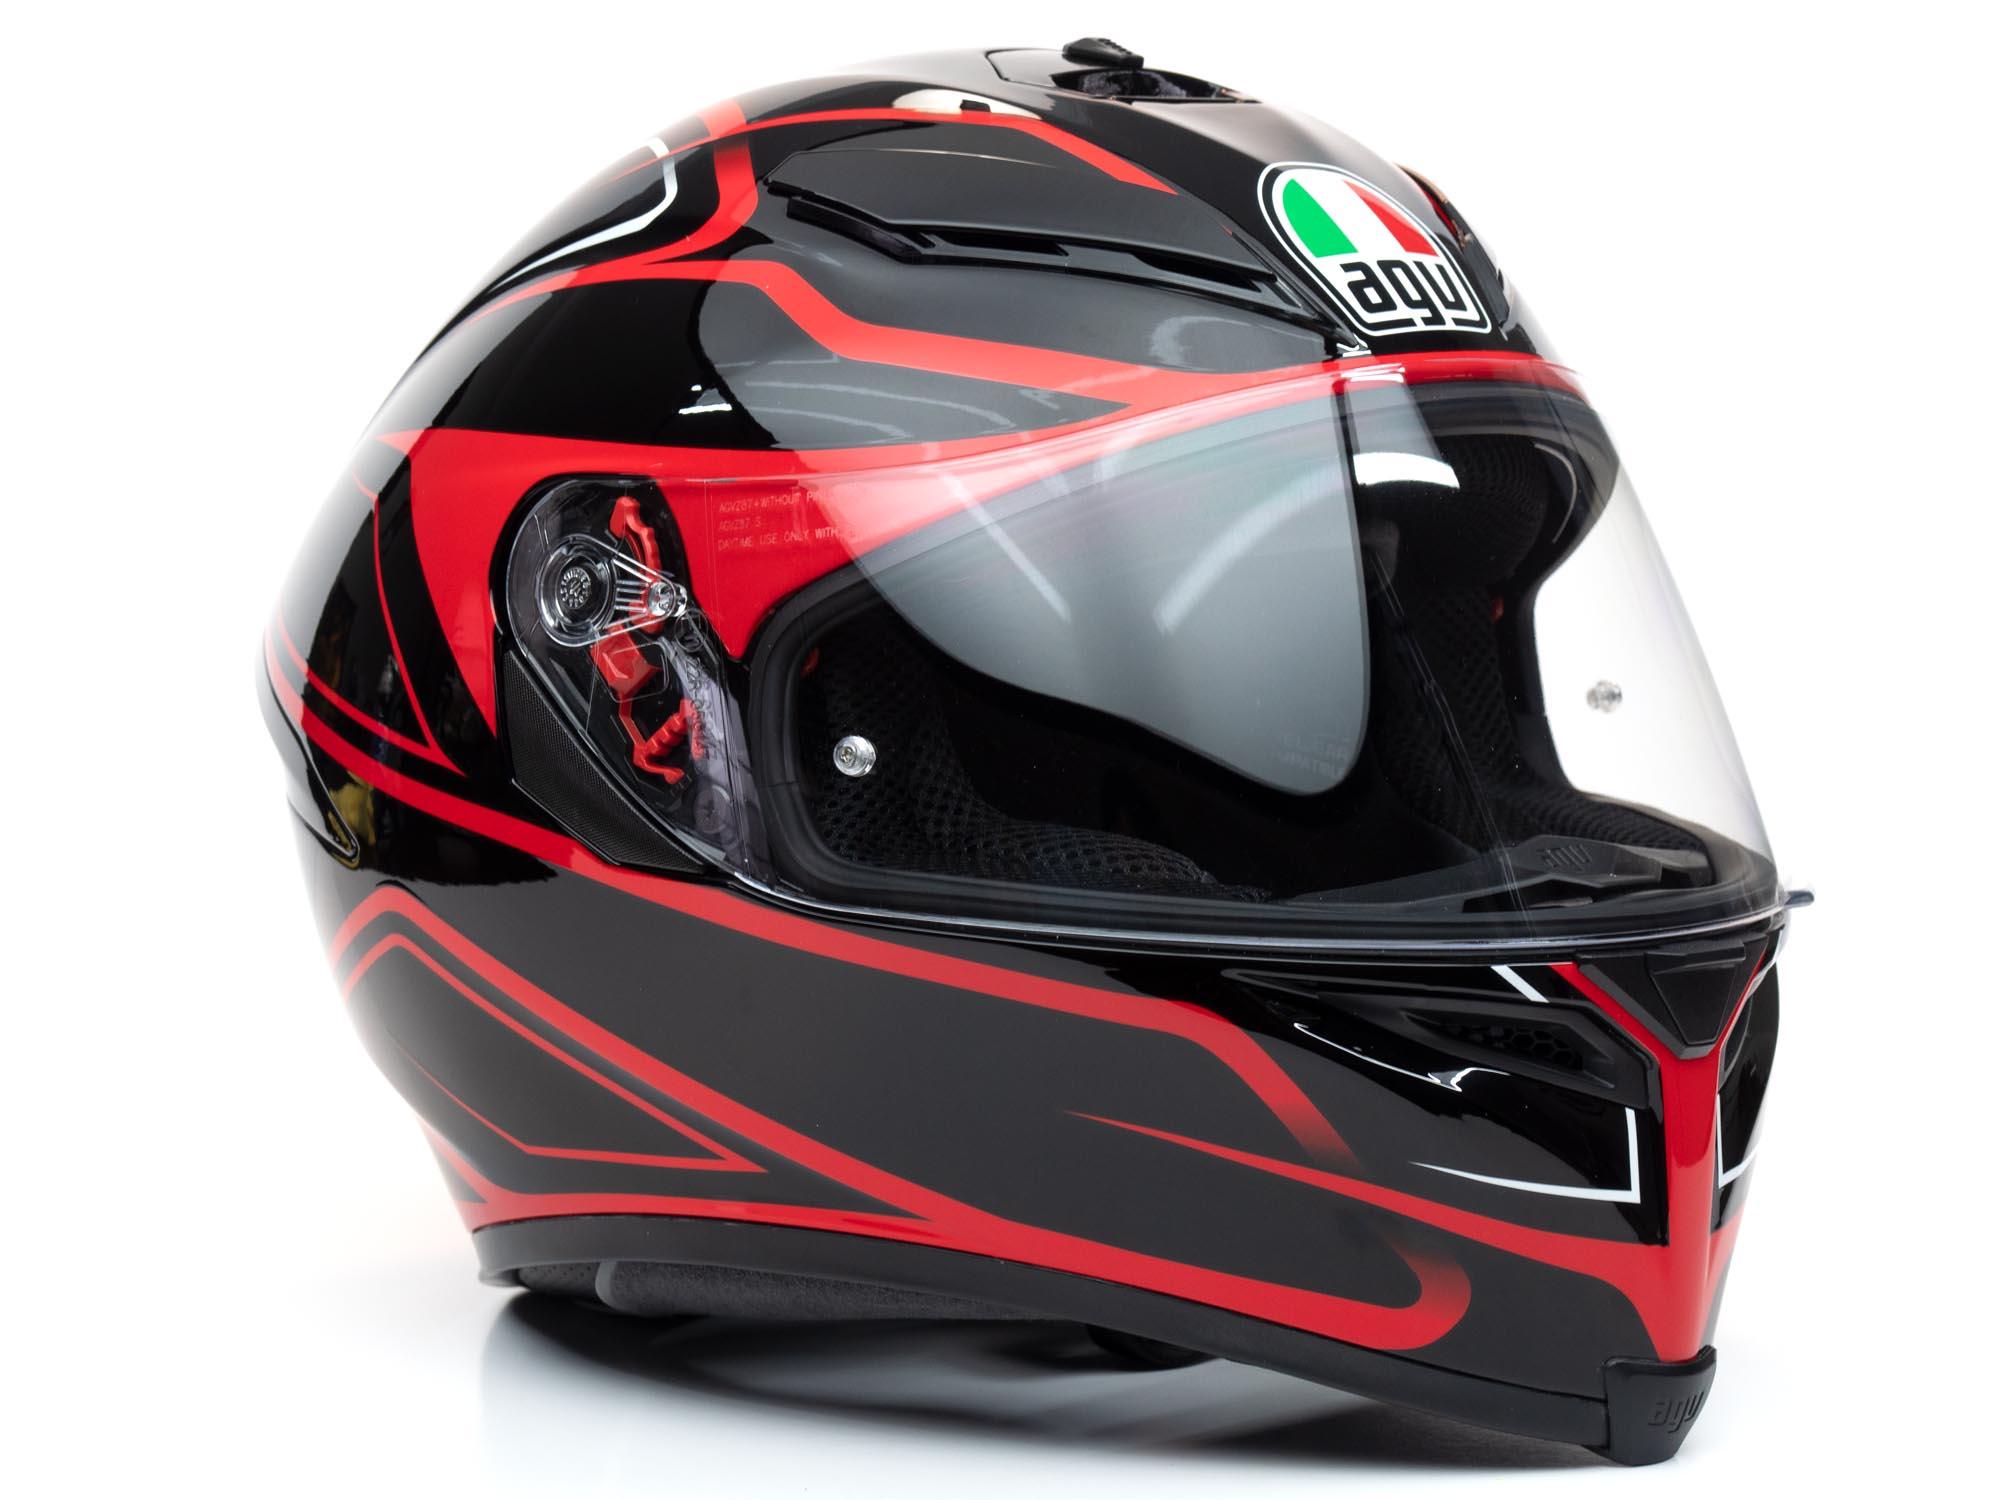 Barber Motorsports Park >> AGV K5 S Helmet Hands-On Review